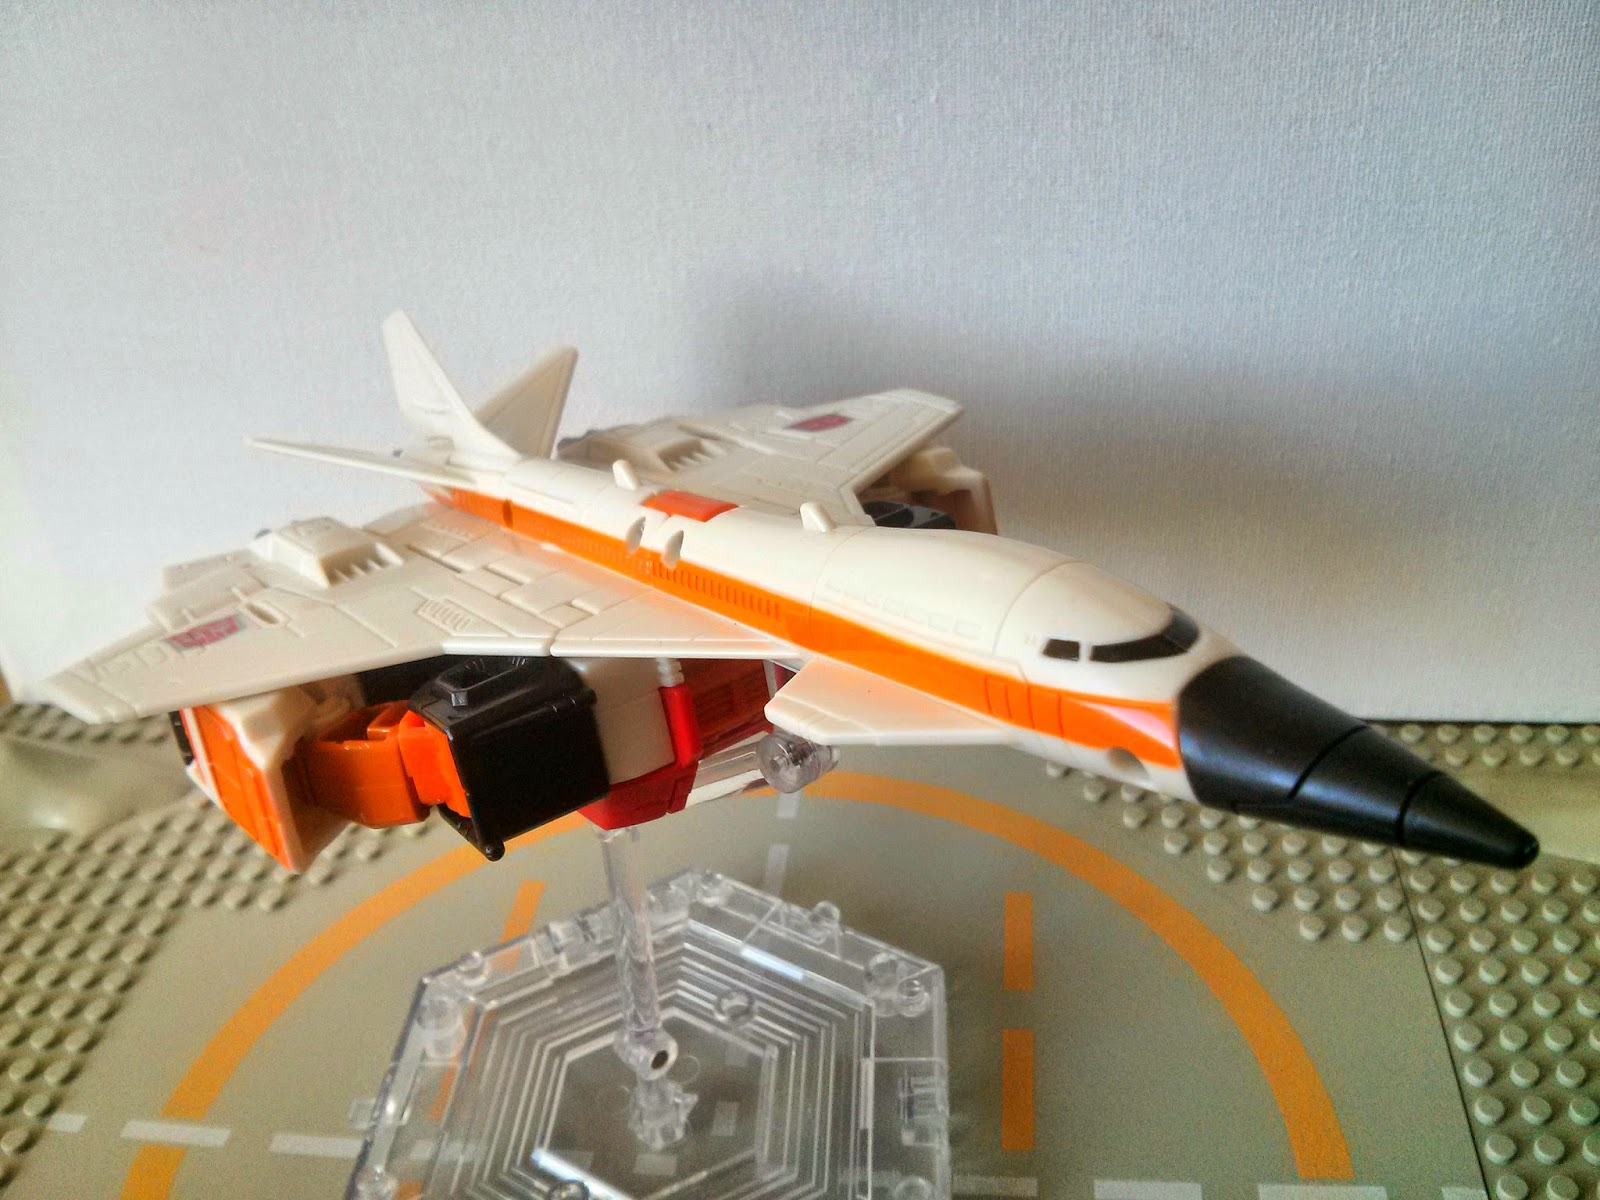 combiner wars silverbolt jet mode